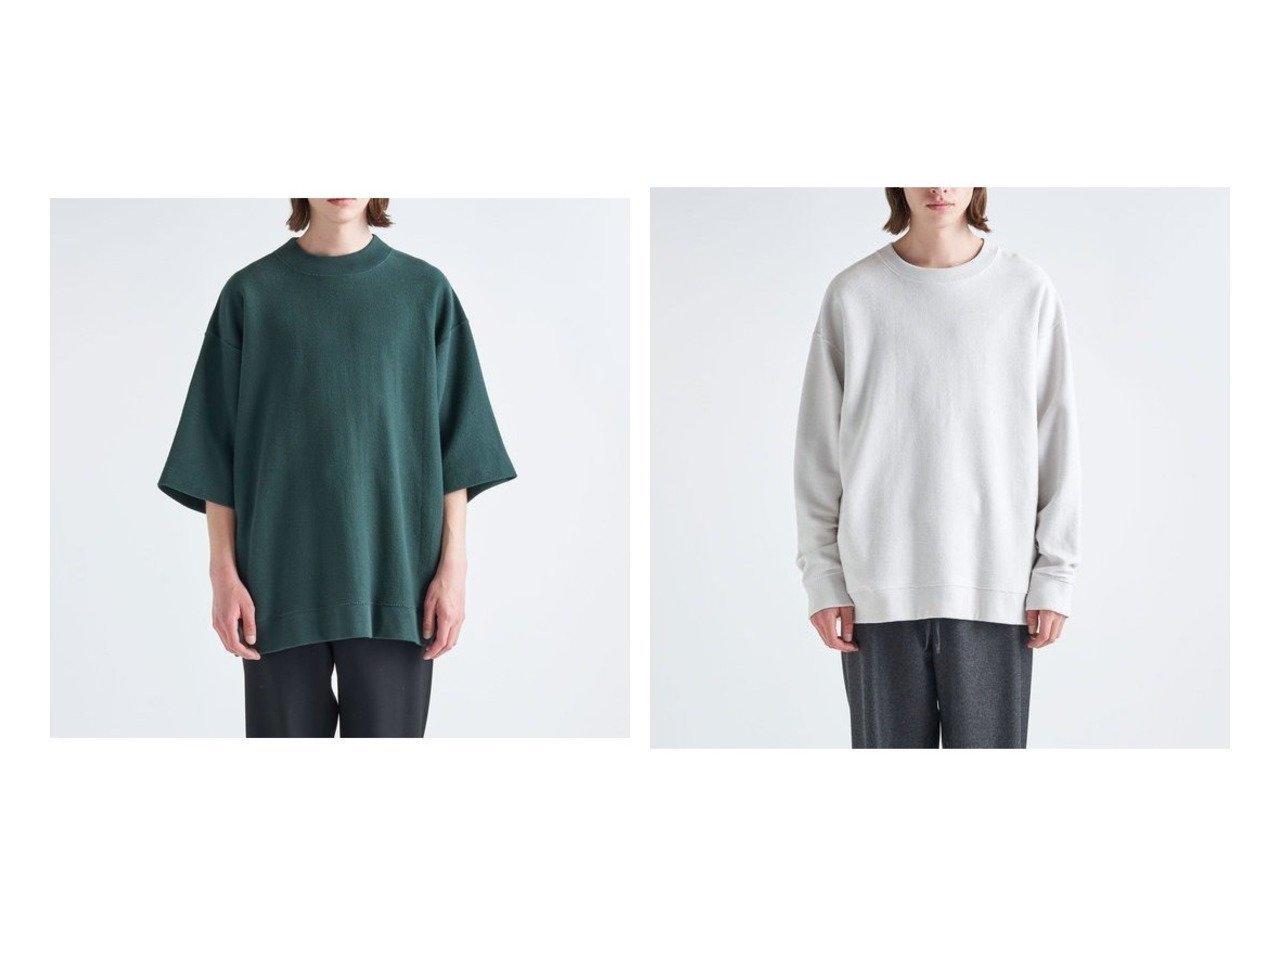 【ATON/エイトン】のオーバーサイズスウェットシャツ(UNISEX)&オーバーサイズTシャツ(UNISEX) トップス・カットソーのおすすめ!人気、トレンド・レディースファッションの通販 おすすめで人気の流行・トレンド、ファッションの通販商品 メンズファッション・キッズファッション・インテリア・家具・レディースファッション・服の通販 founy(ファニー) https://founy.com/ ファッション Fashion レディースファッション WOMEN トップス Tops Tshirt シャツ/ブラウス Shirts Blouses ロング / Tシャツ T-Shirts パーカ Sweats スウェット Sweat インド オーガニック トレーナー 定番 Standard 長袖 モックネック UNISEX 送料無料 Free Shipping |ID:crp329100000011139